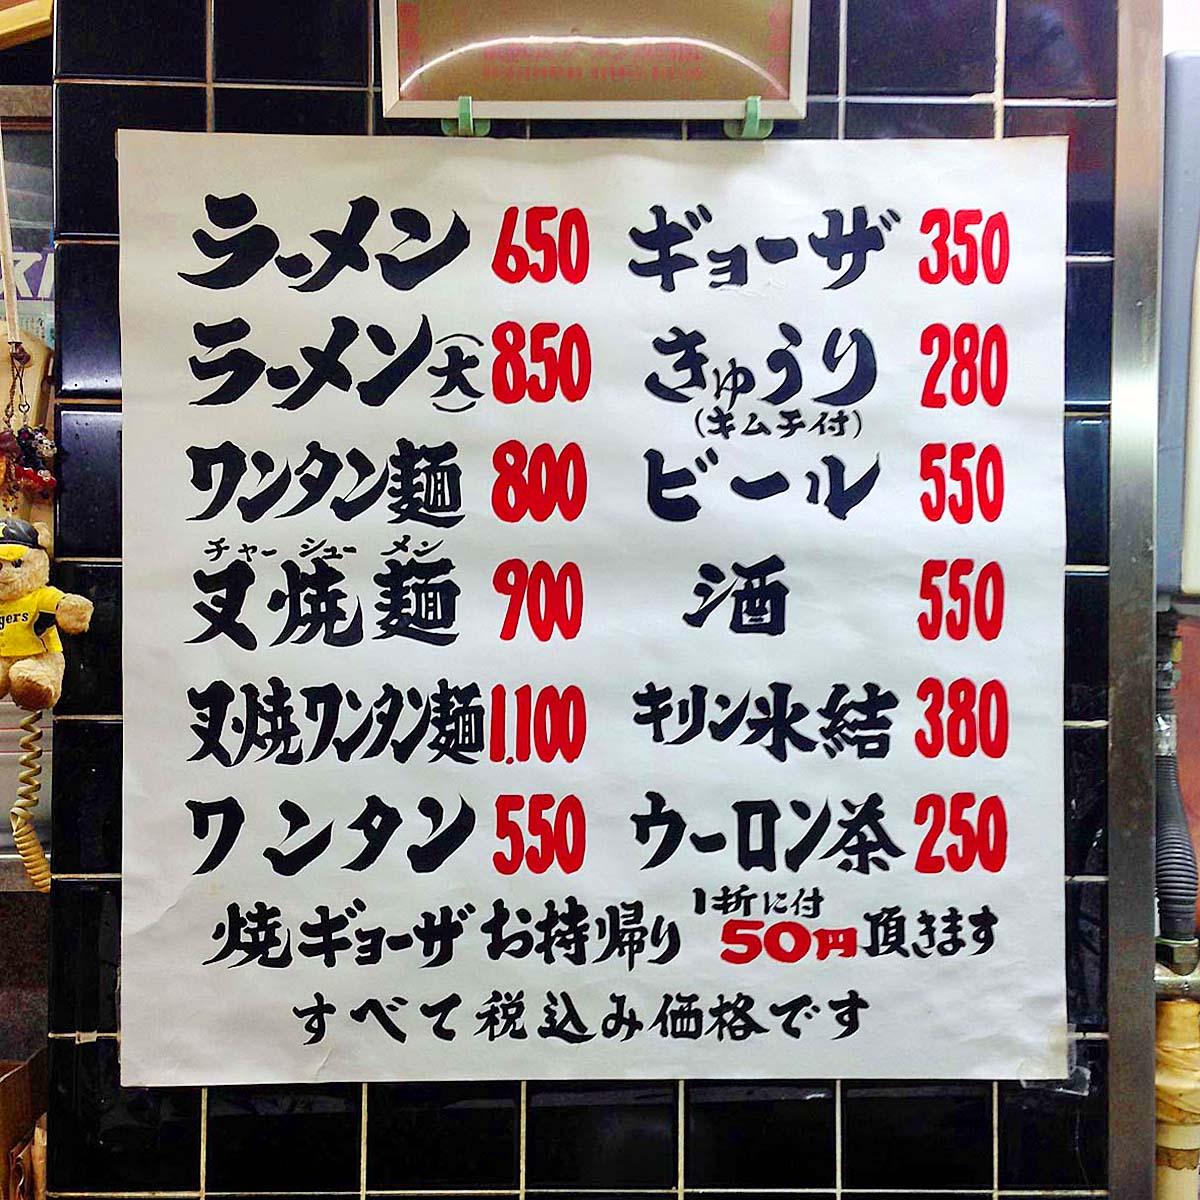 大阪千日前の老舗ラーメン店「小洞天」のメニュー